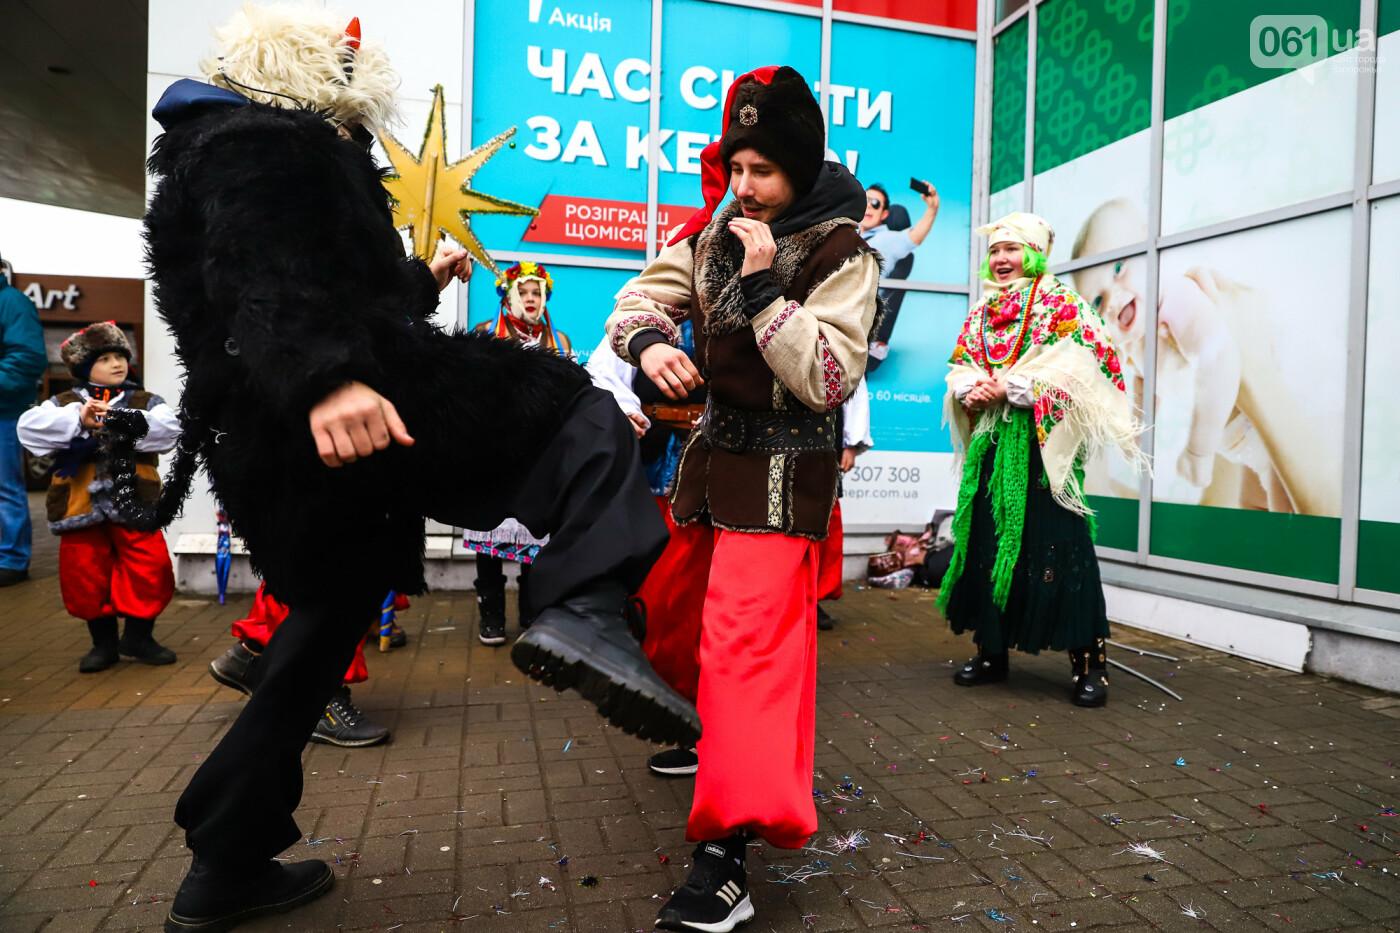 Нечистая сила против казаков: на улицах Запорожья показывали Рождественский вертеп, - ФОТО, ВИДЕО  , фото-19